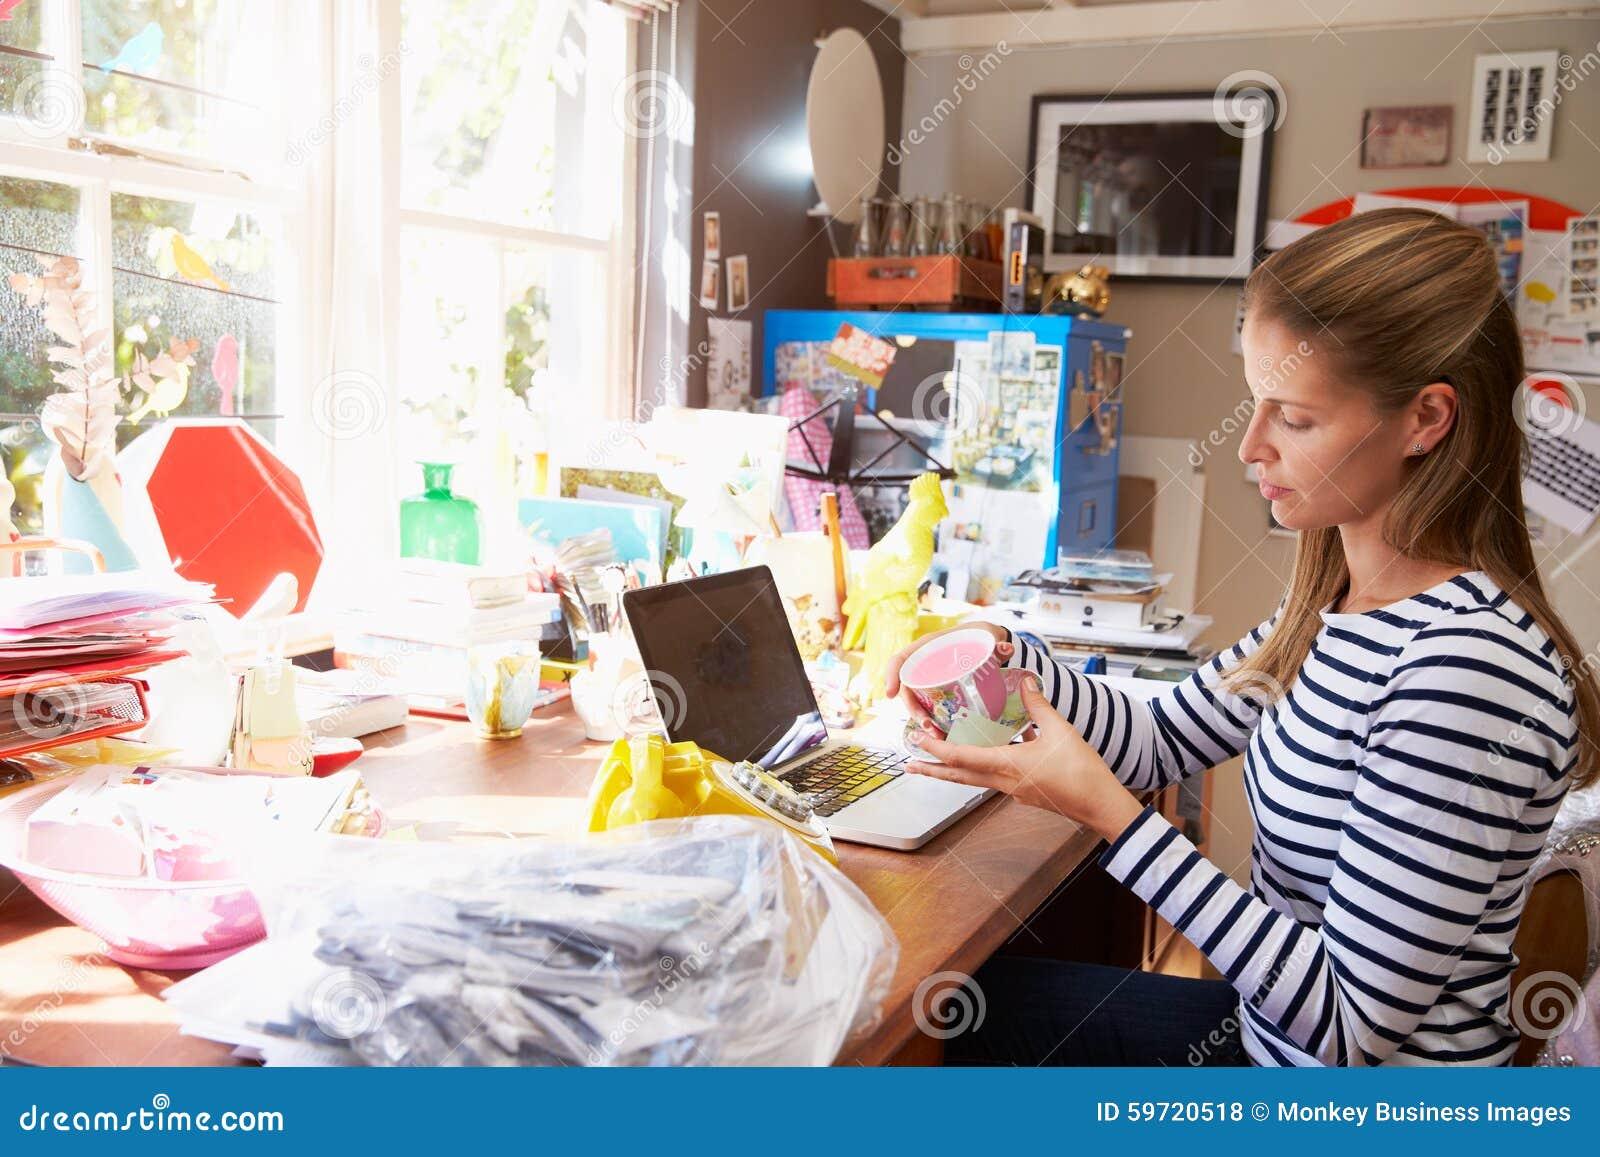 Kontor för små och medelstora företag för kvinna rinnande hemifrån